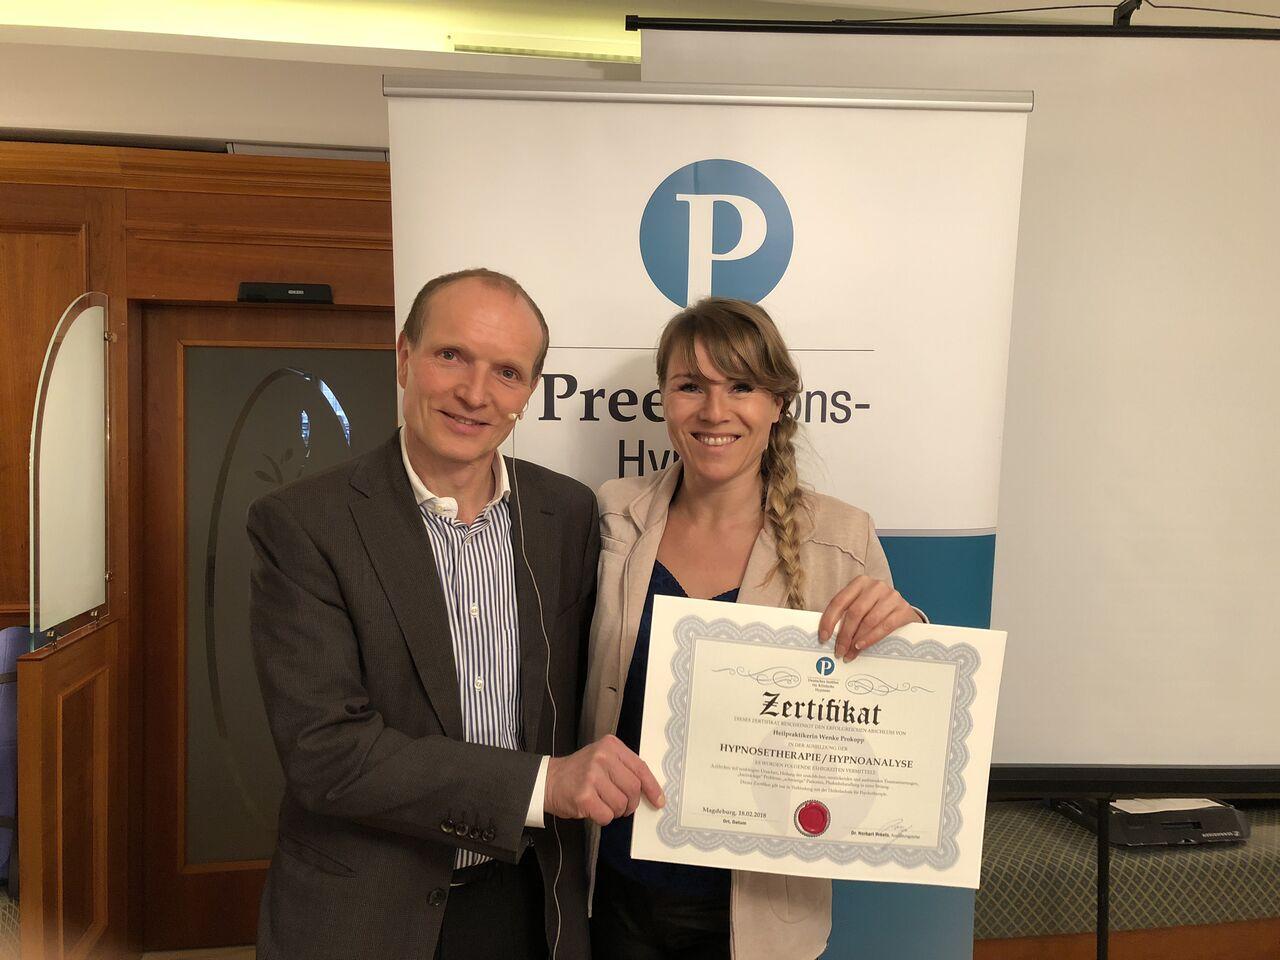 Hypnose Erfurt: Heilpraktikerin Wenke Prokopp aus Erfurt mit dem Zertifikat Hypnose